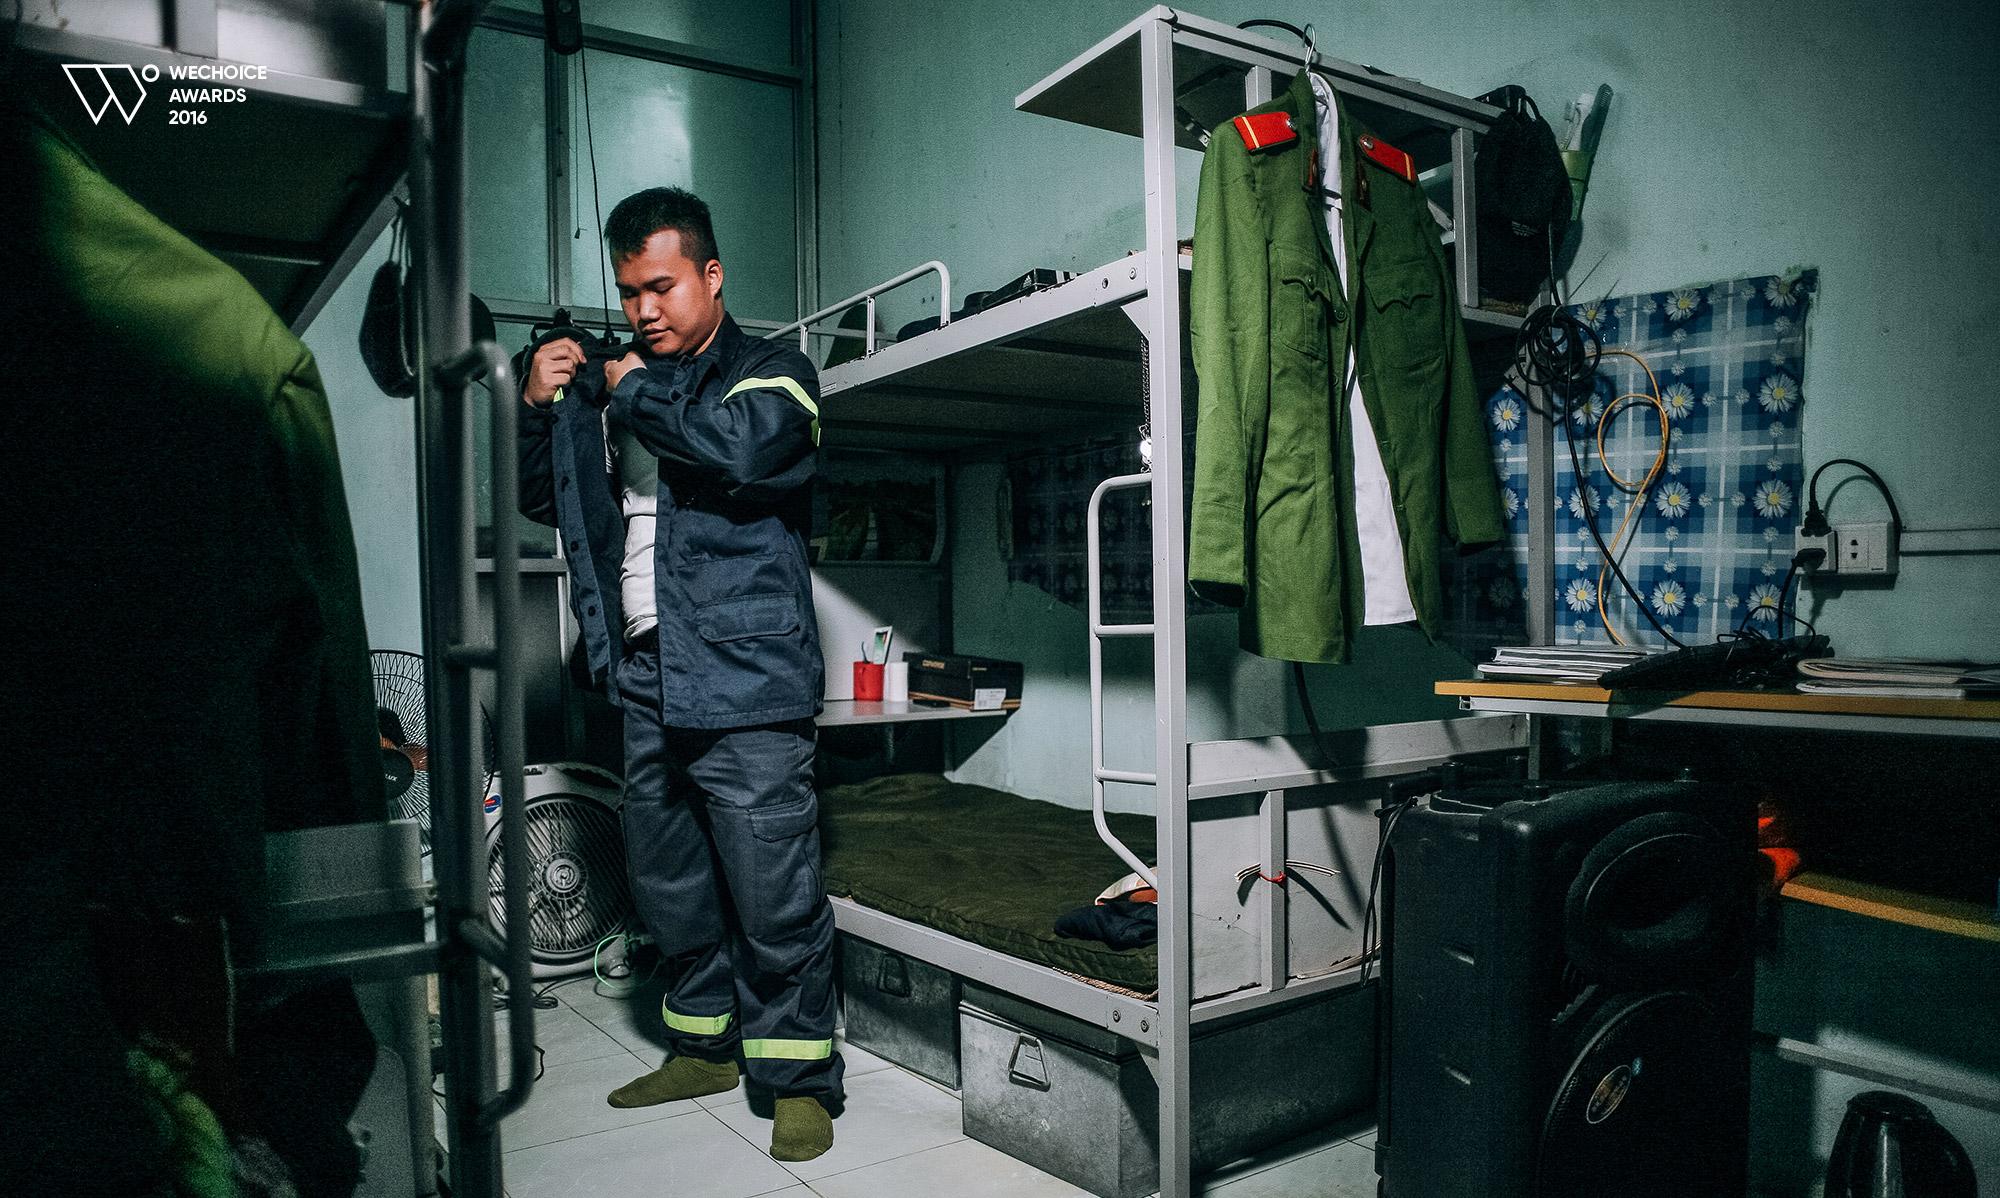 Năm 18 tuổi – Nếu được chọn, bạn có theo nghề lính cứu hỏa như những chàng trai dũng cảm này không? - Ảnh 5.